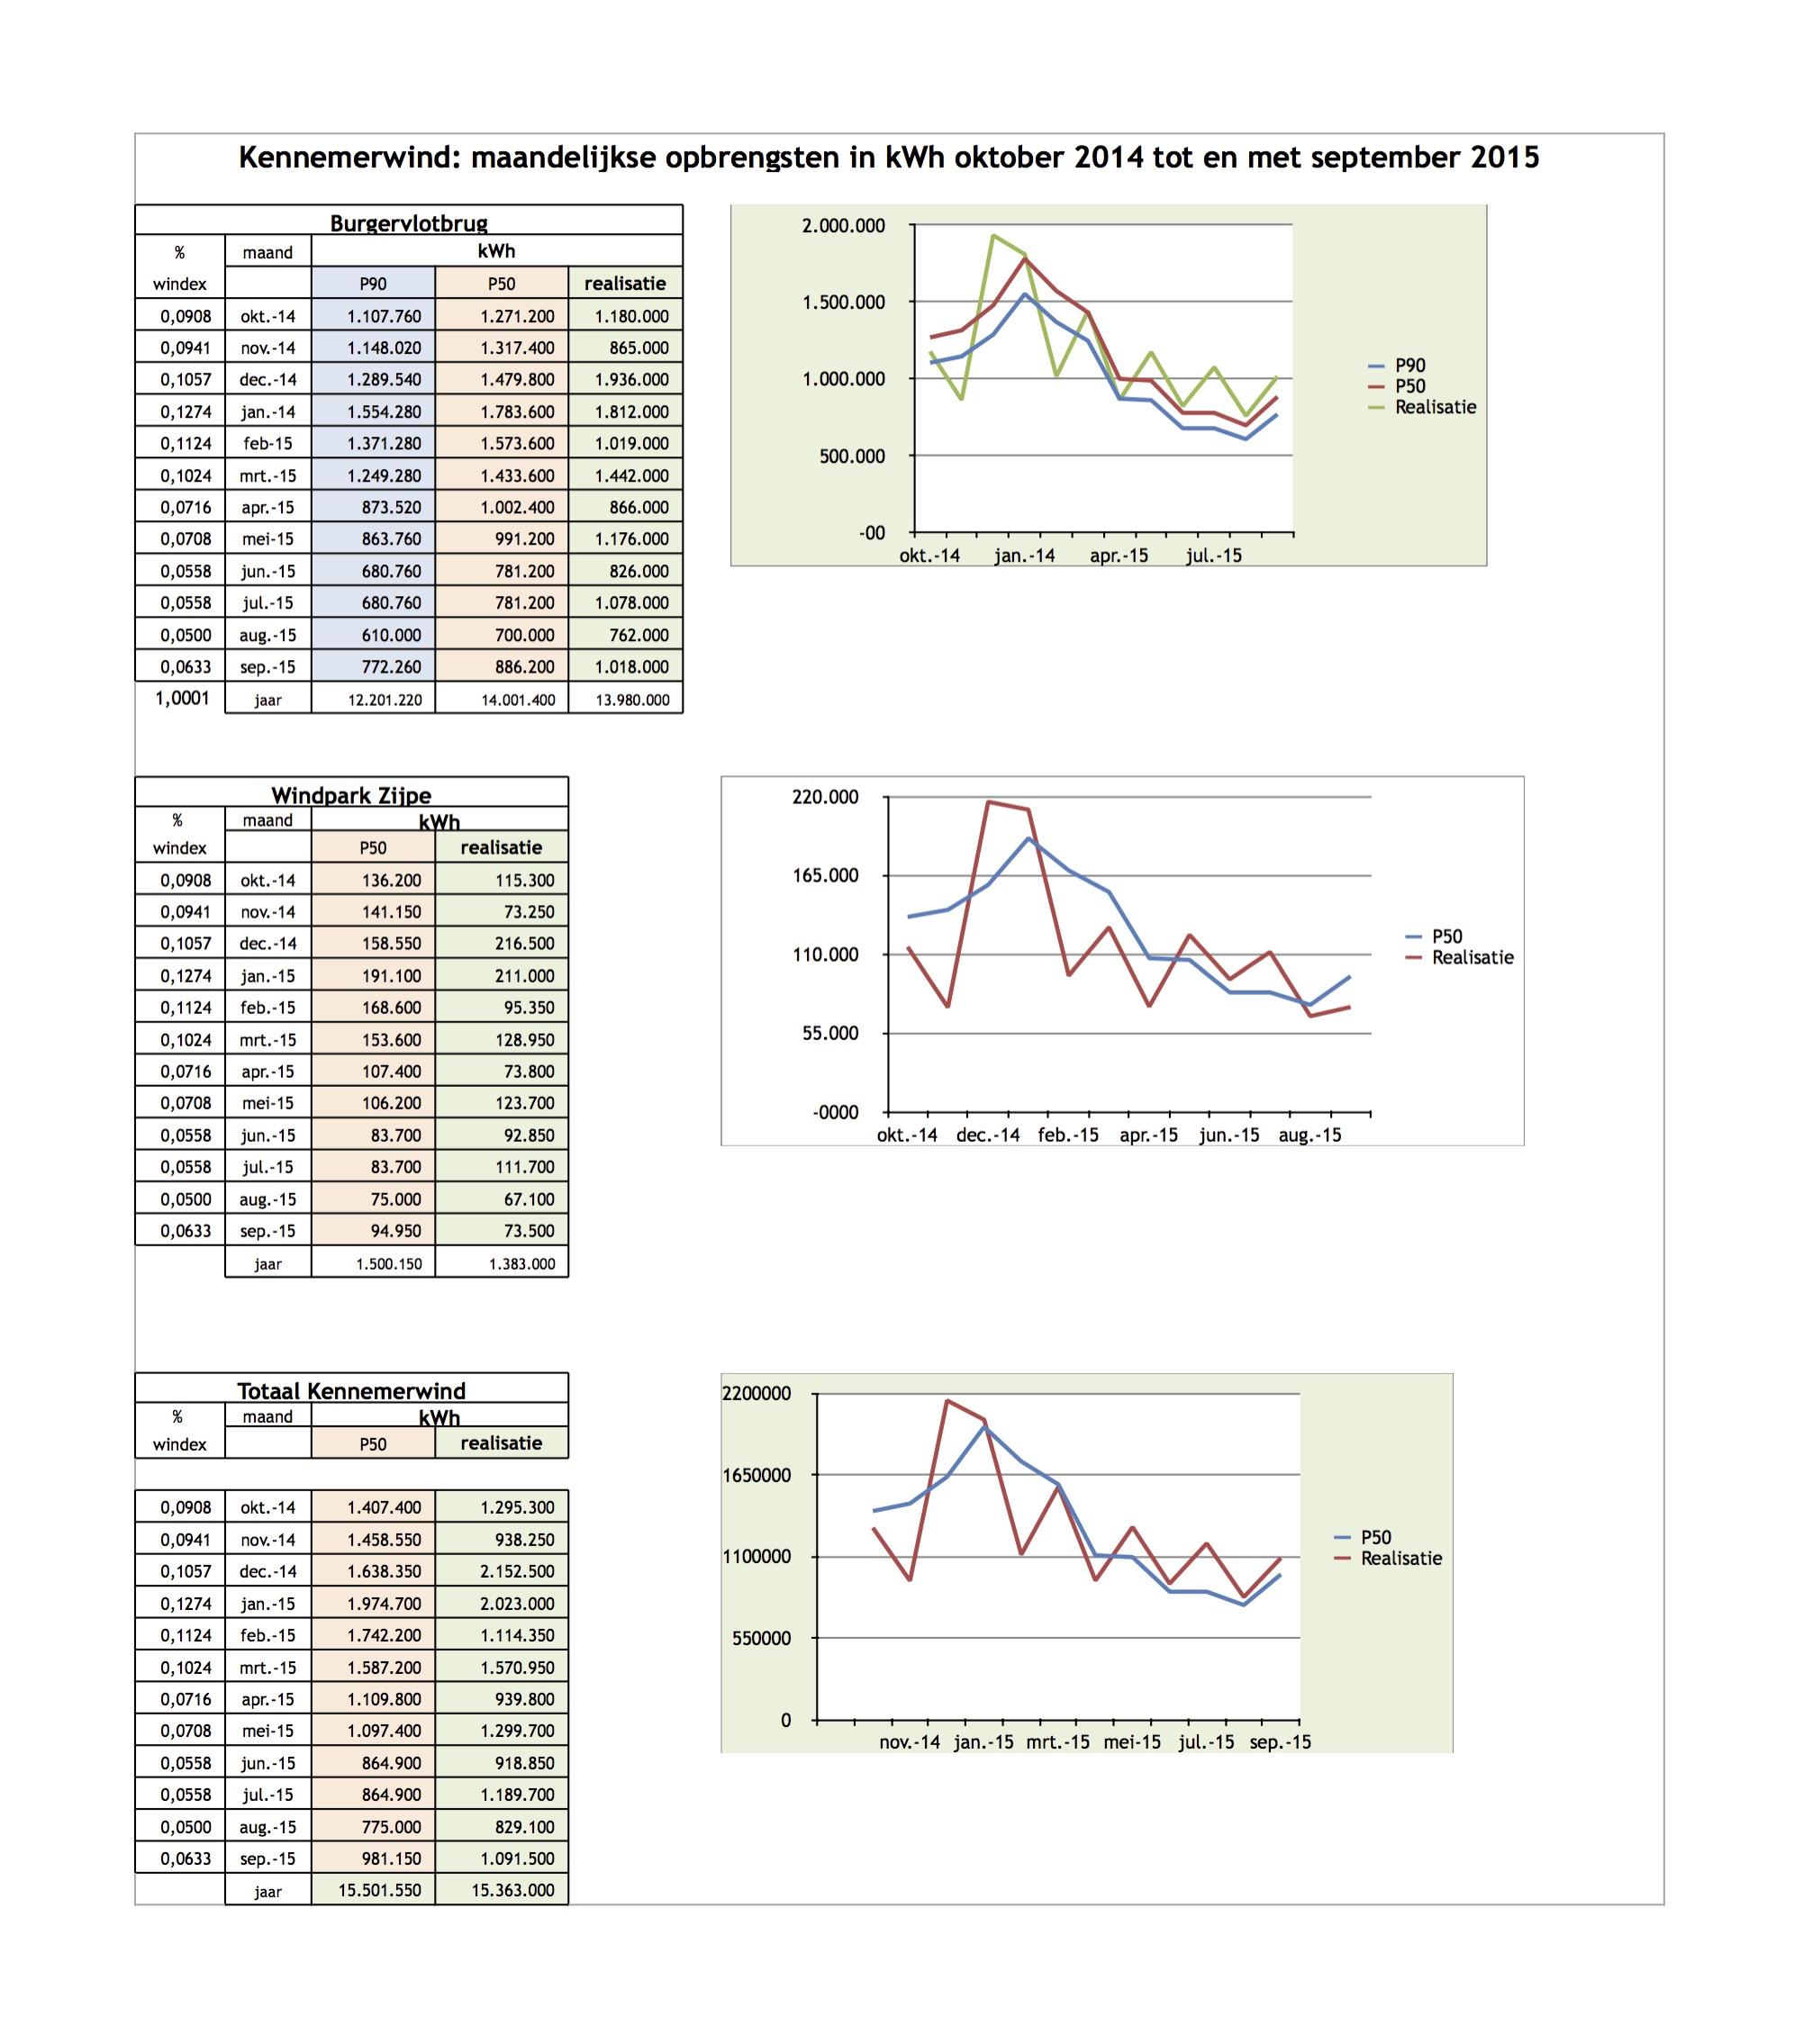 Doorlopende-opbrengsten-KEN-en-BVB-molens-tm-september-2015-cb